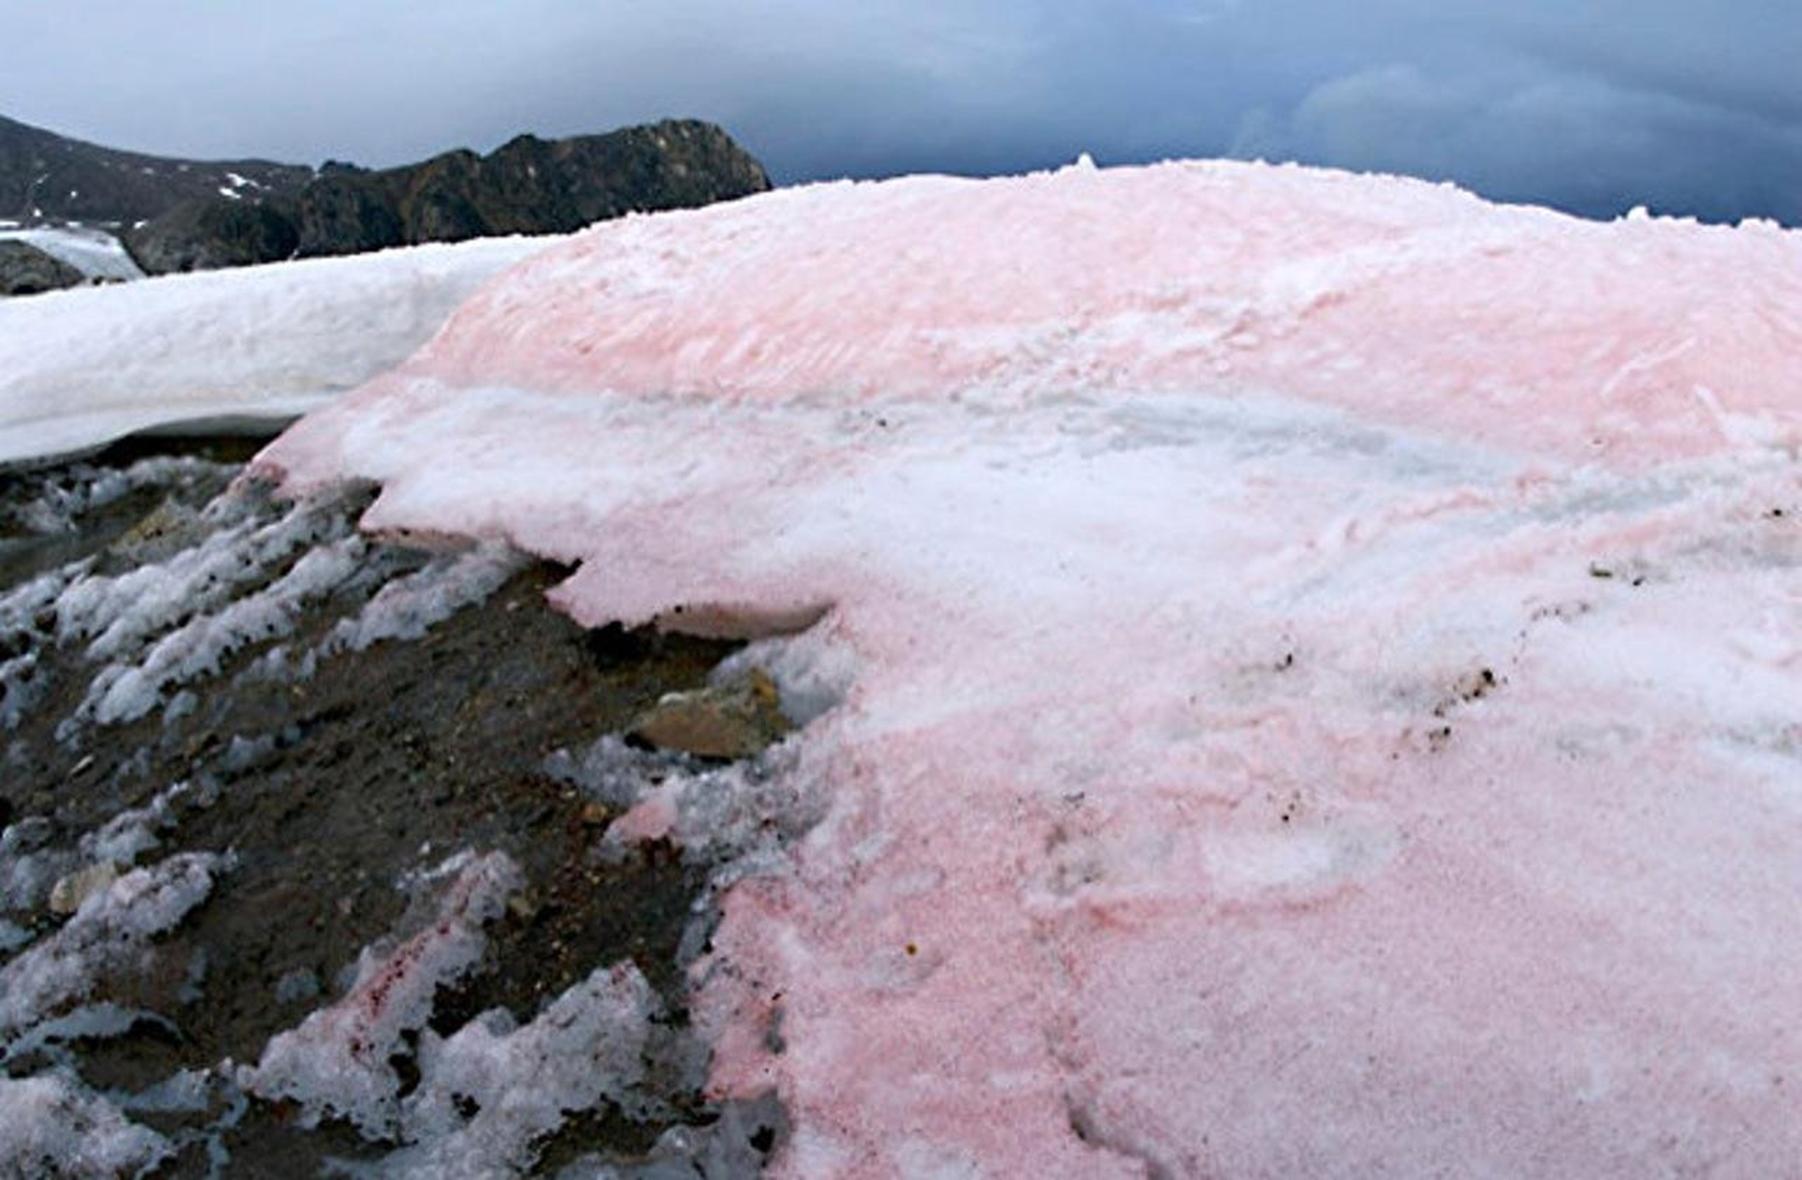 Fenomena Salju Berwarna Pink Yang Bisa Kamu Temukan di Tempat Ini 3